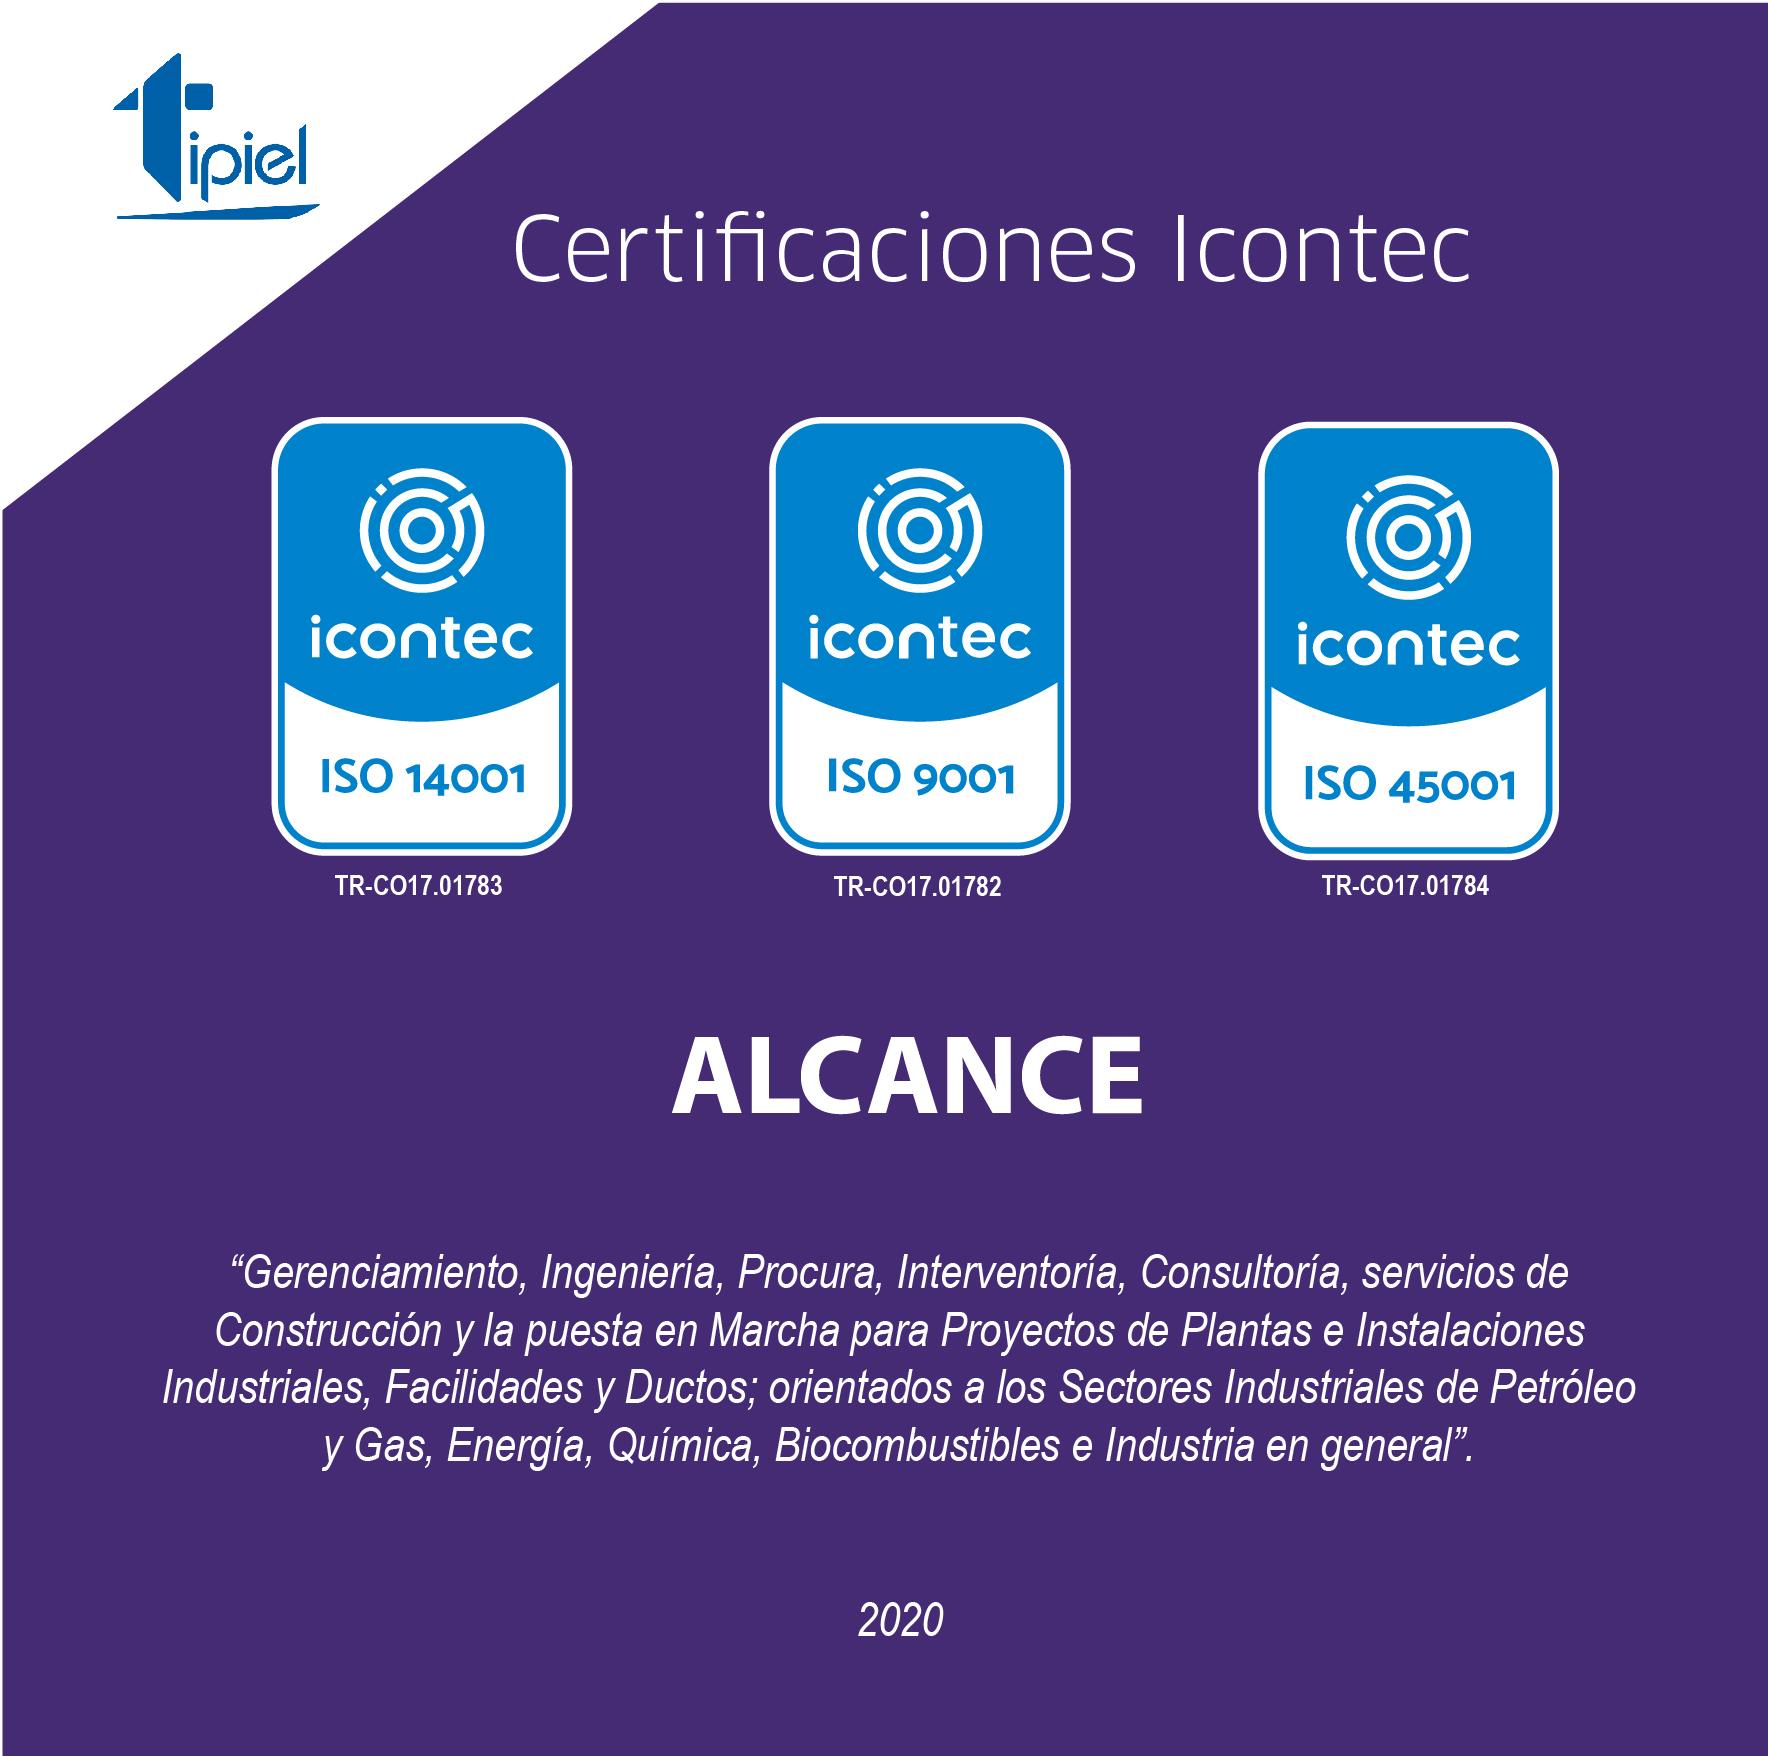 Certificaciones Icontec 2020